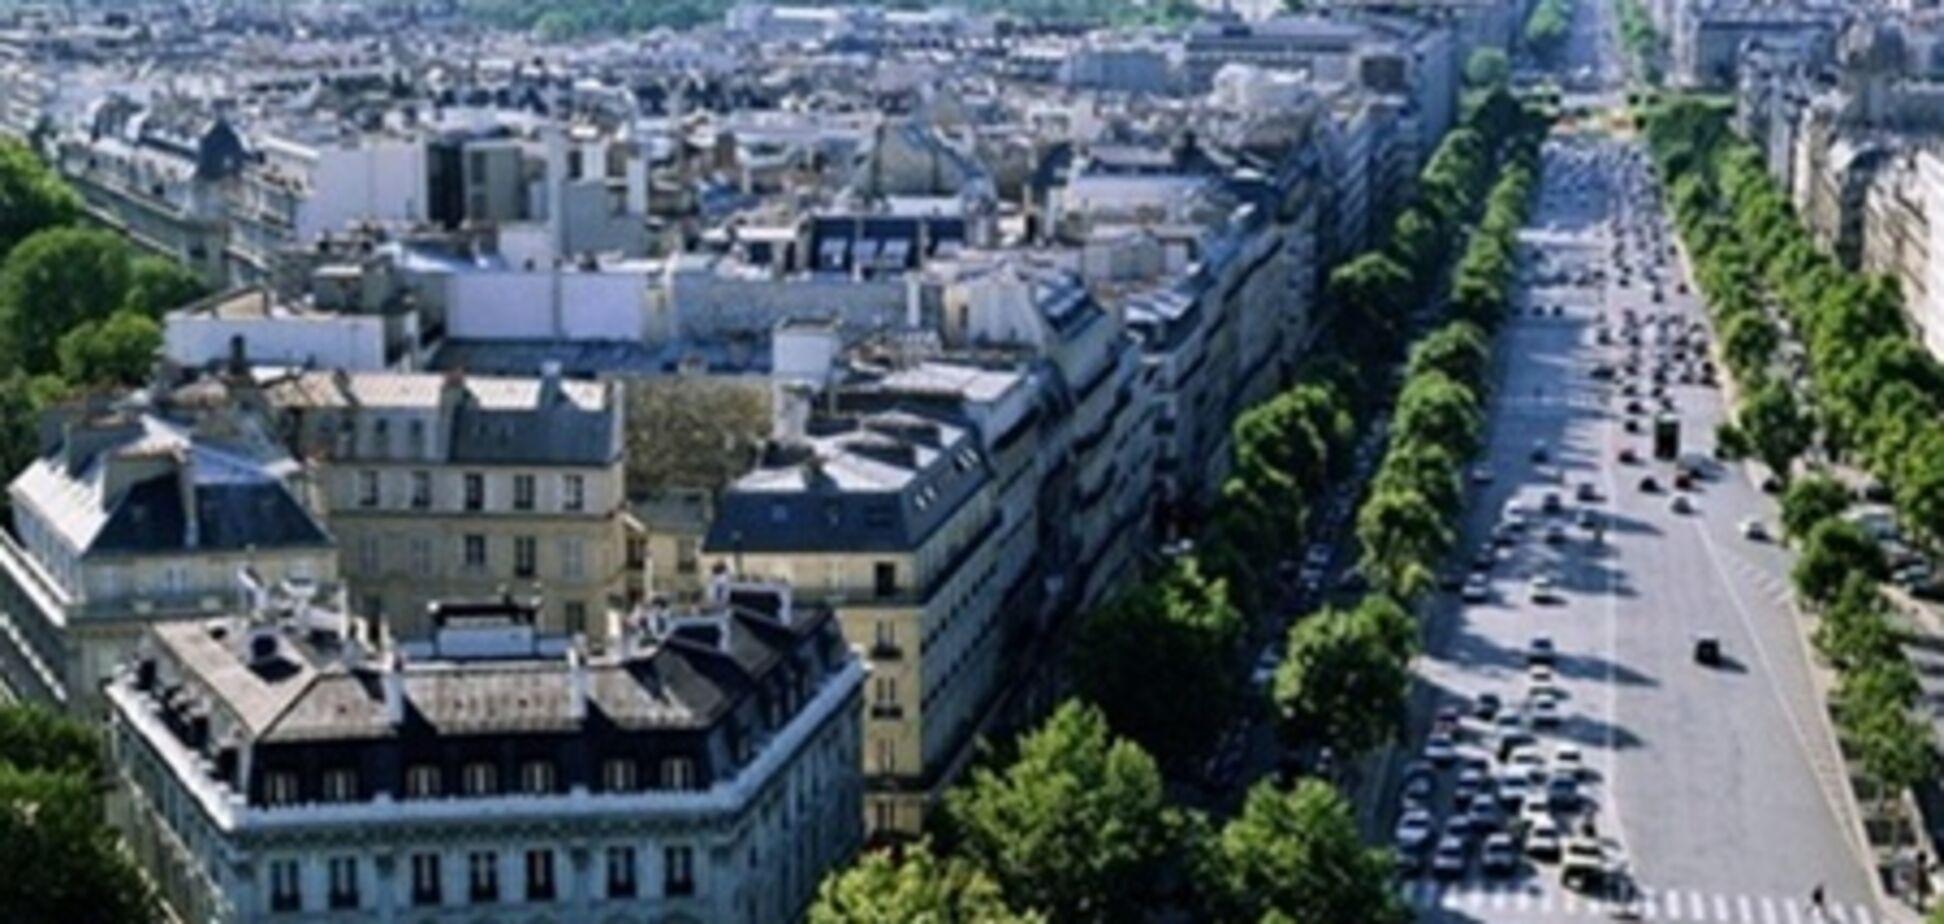 Франция остается лидером по ценам на аренду недвижимости в Европе